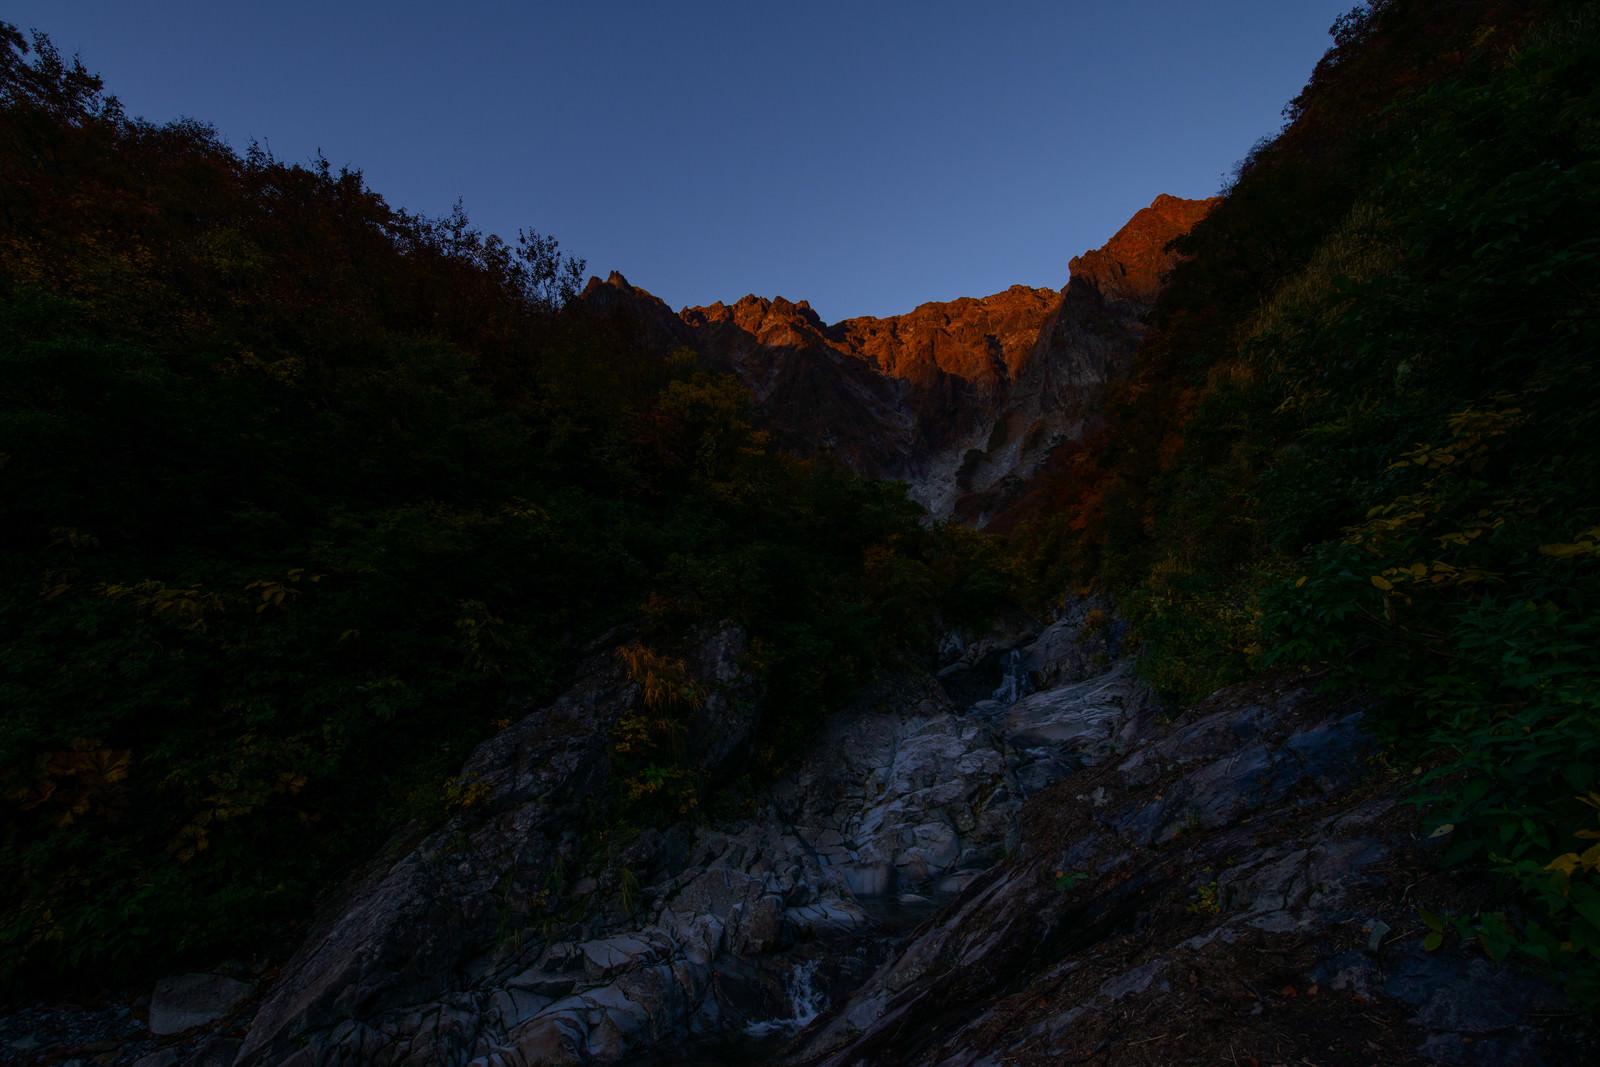 「岩壁に続く沢(一ノ倉沢)」の写真